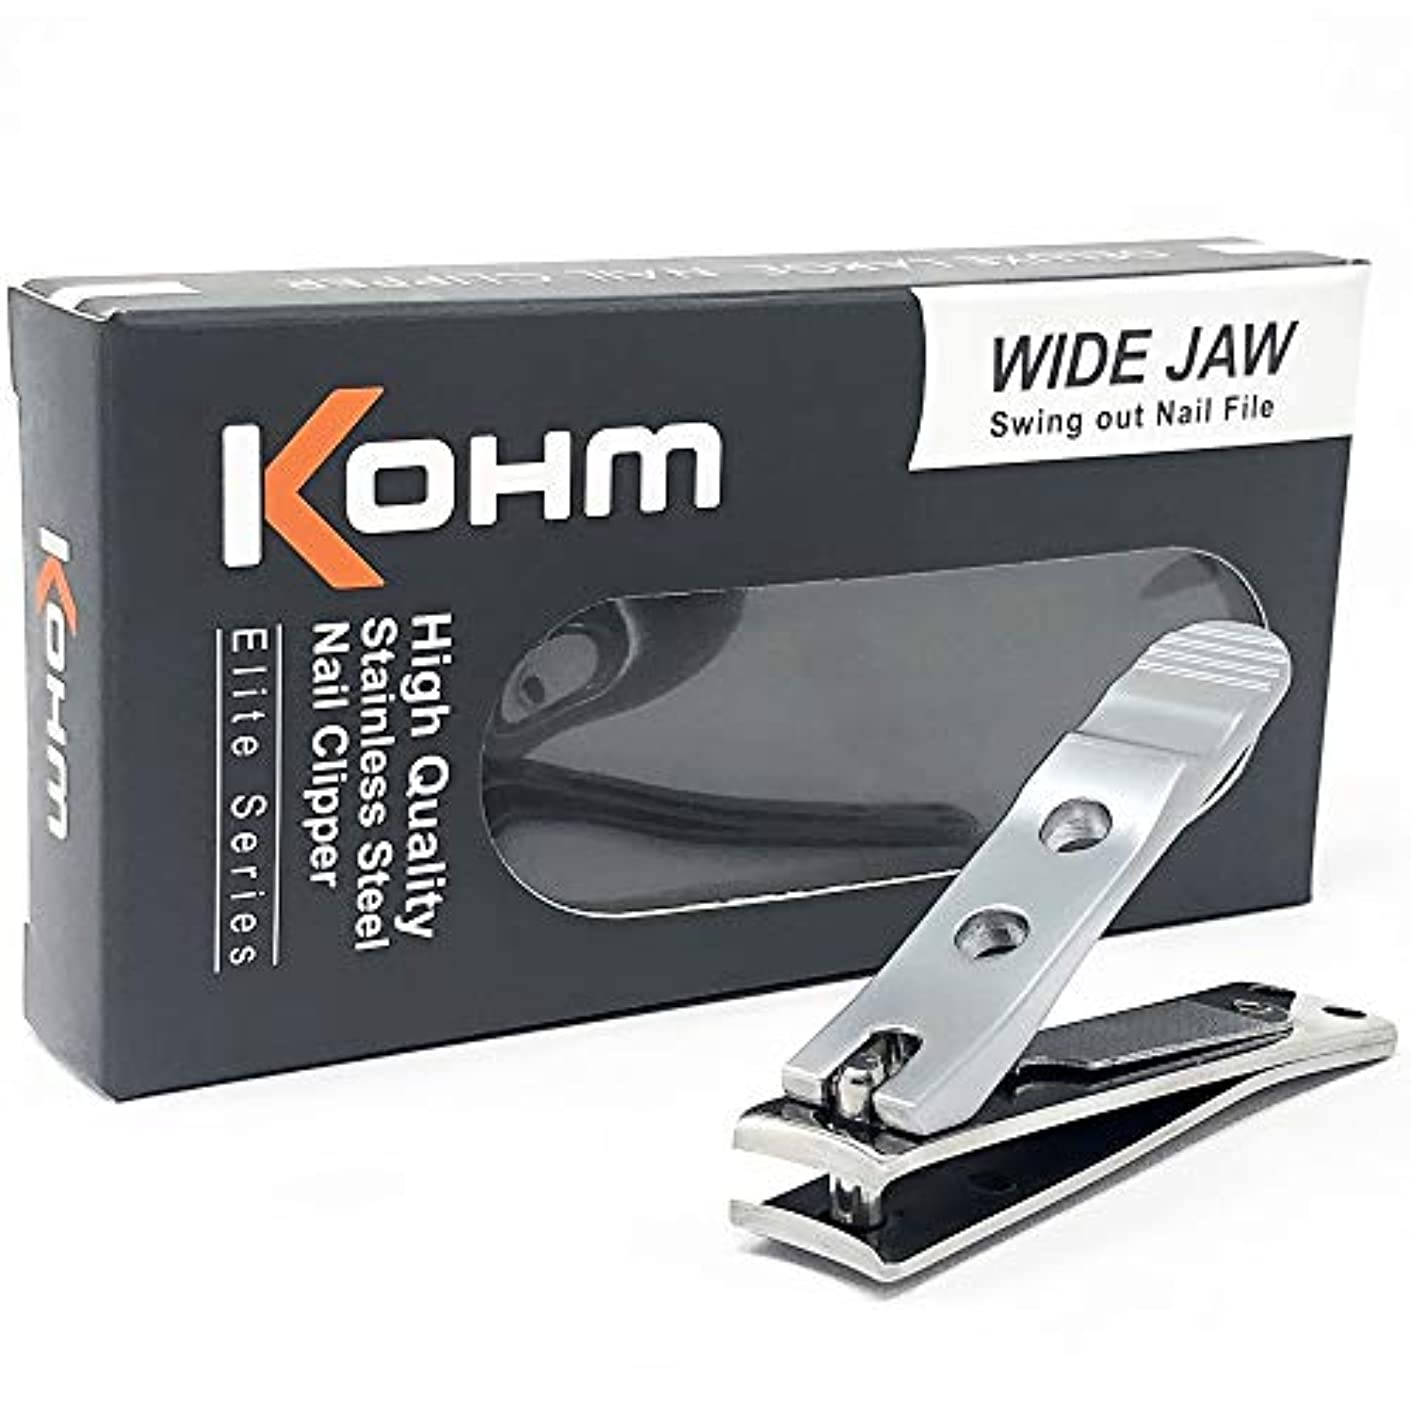 限定寛容な植木Kohm WHS-440L厚手の爪のための足のつかみ4mmの広い顎、湾曲した刃、釘のファイル、ヘビーデューティ。